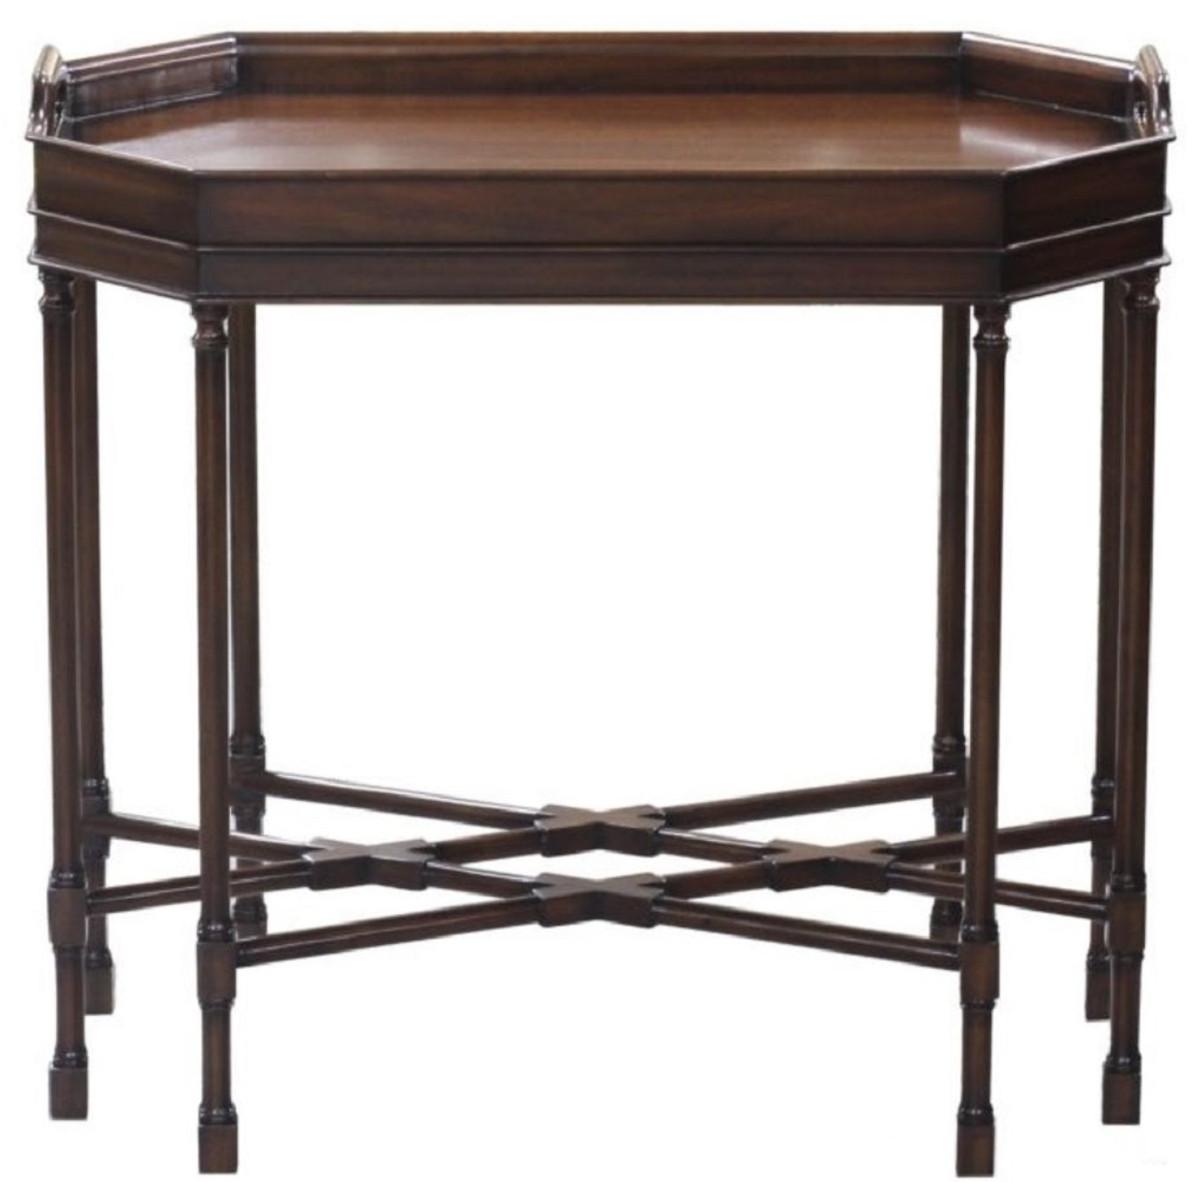 Casa padrino luxus couchtisch serviertisch dunkelbraun 66 x 41 x h 62 cm mahagoni - Wohnzimmertisch dunkelbraun ...